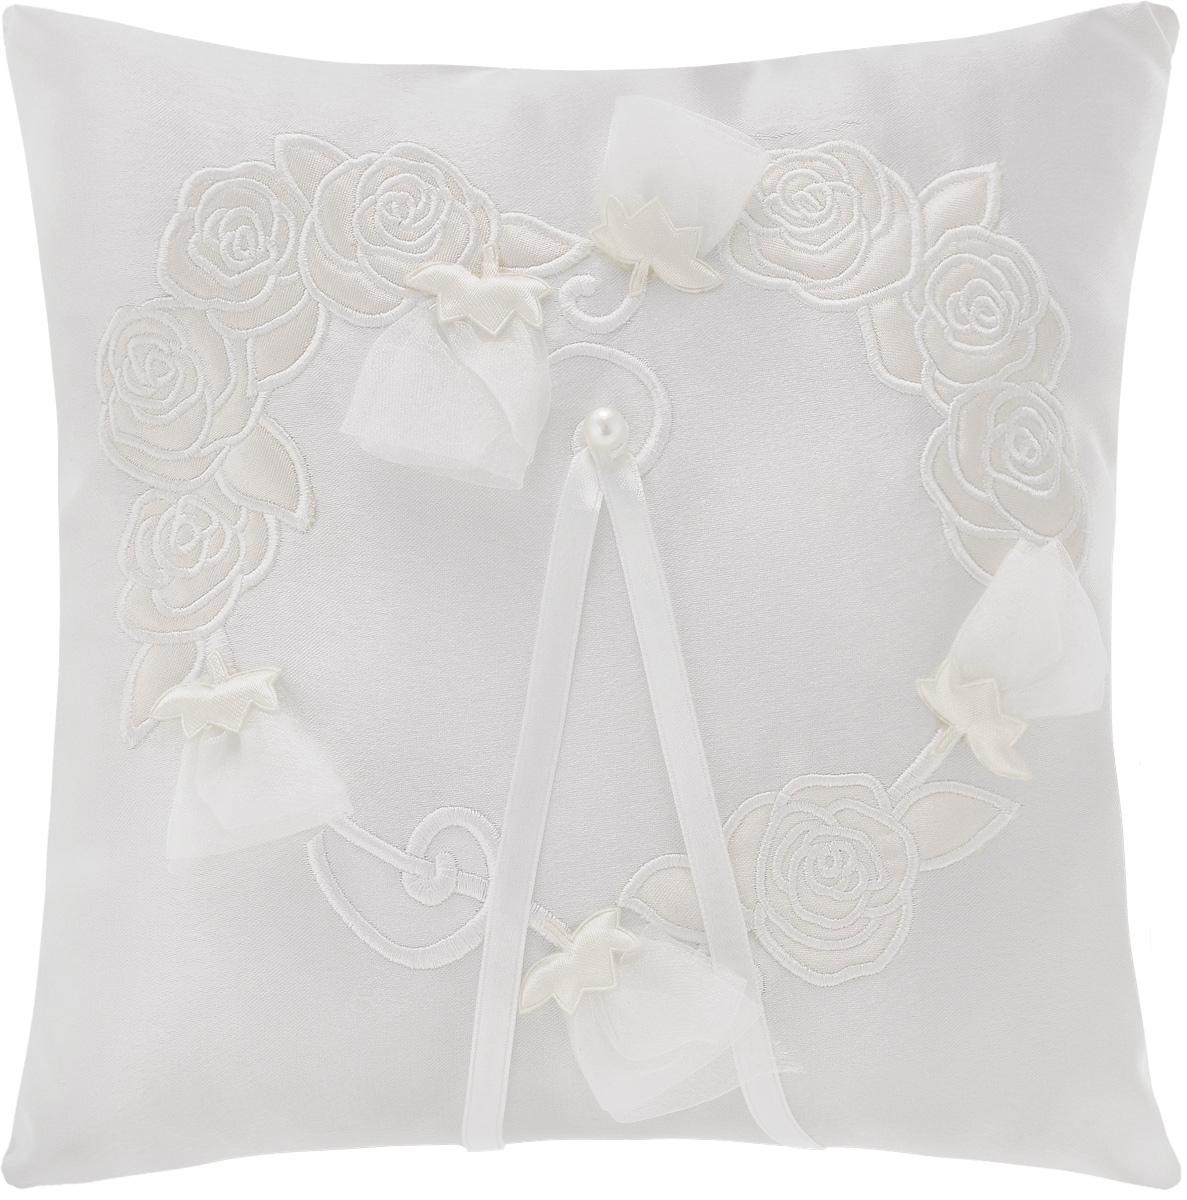 Подушечка для колец Bianco Sole  Свадебная , 25 х 25 см -  Свадебные аксессуары